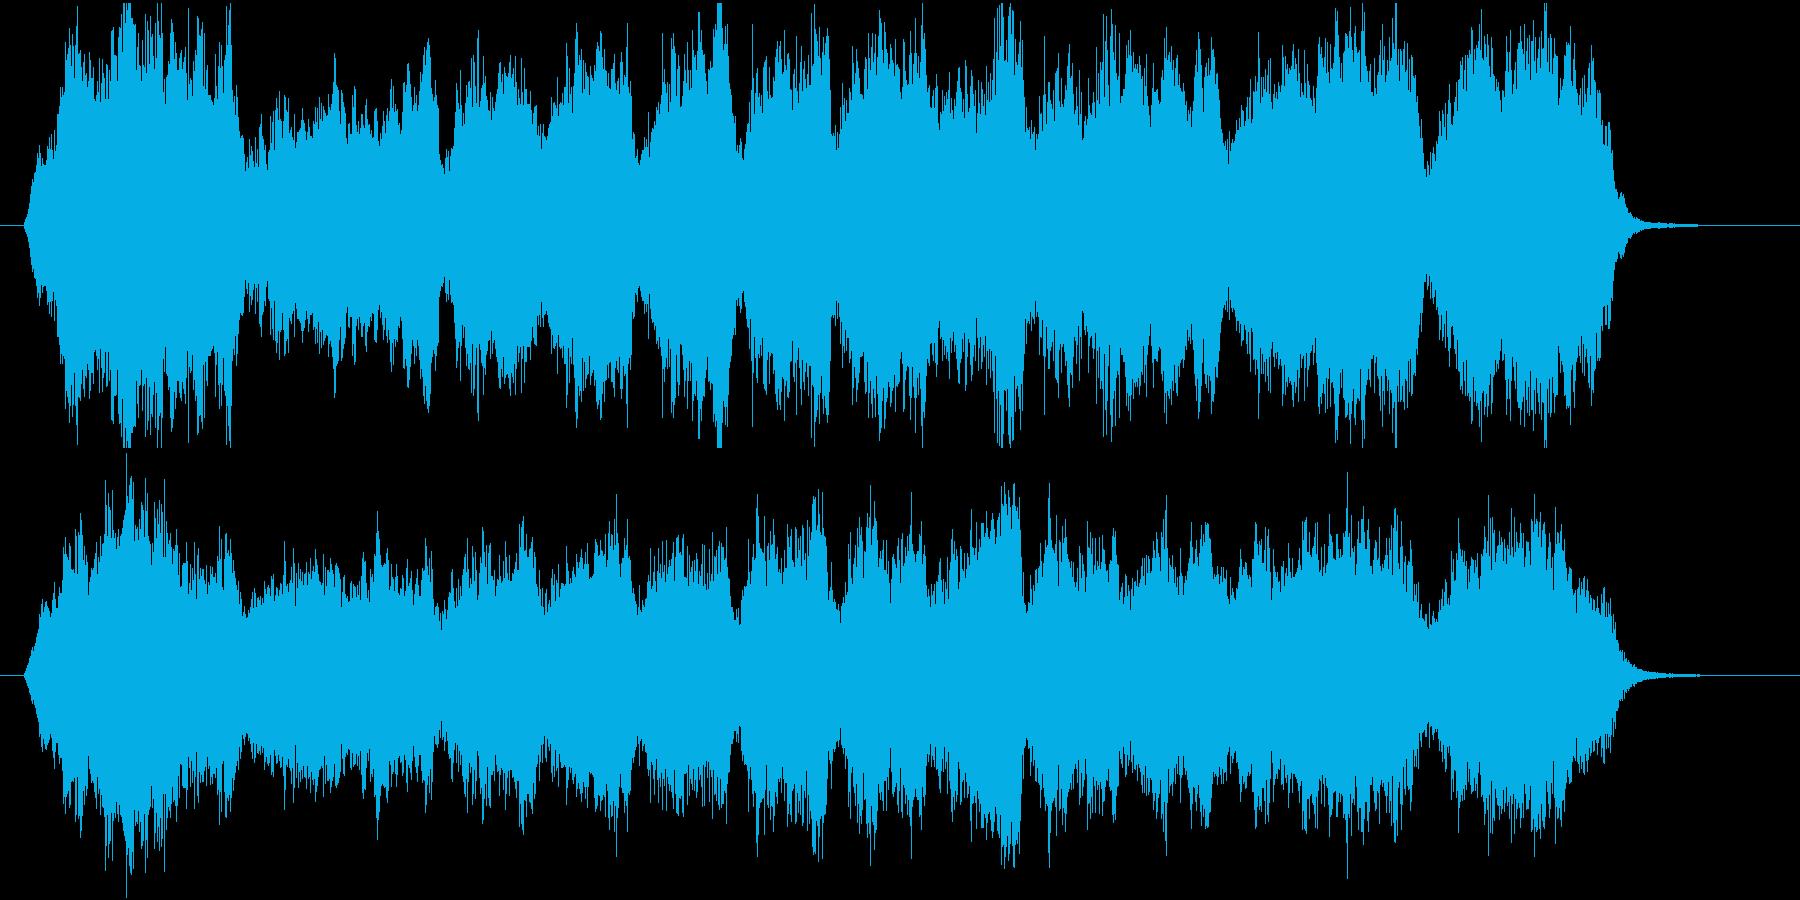 30秒CMサイズの7 心癒す弦楽四重奏の再生済みの波形